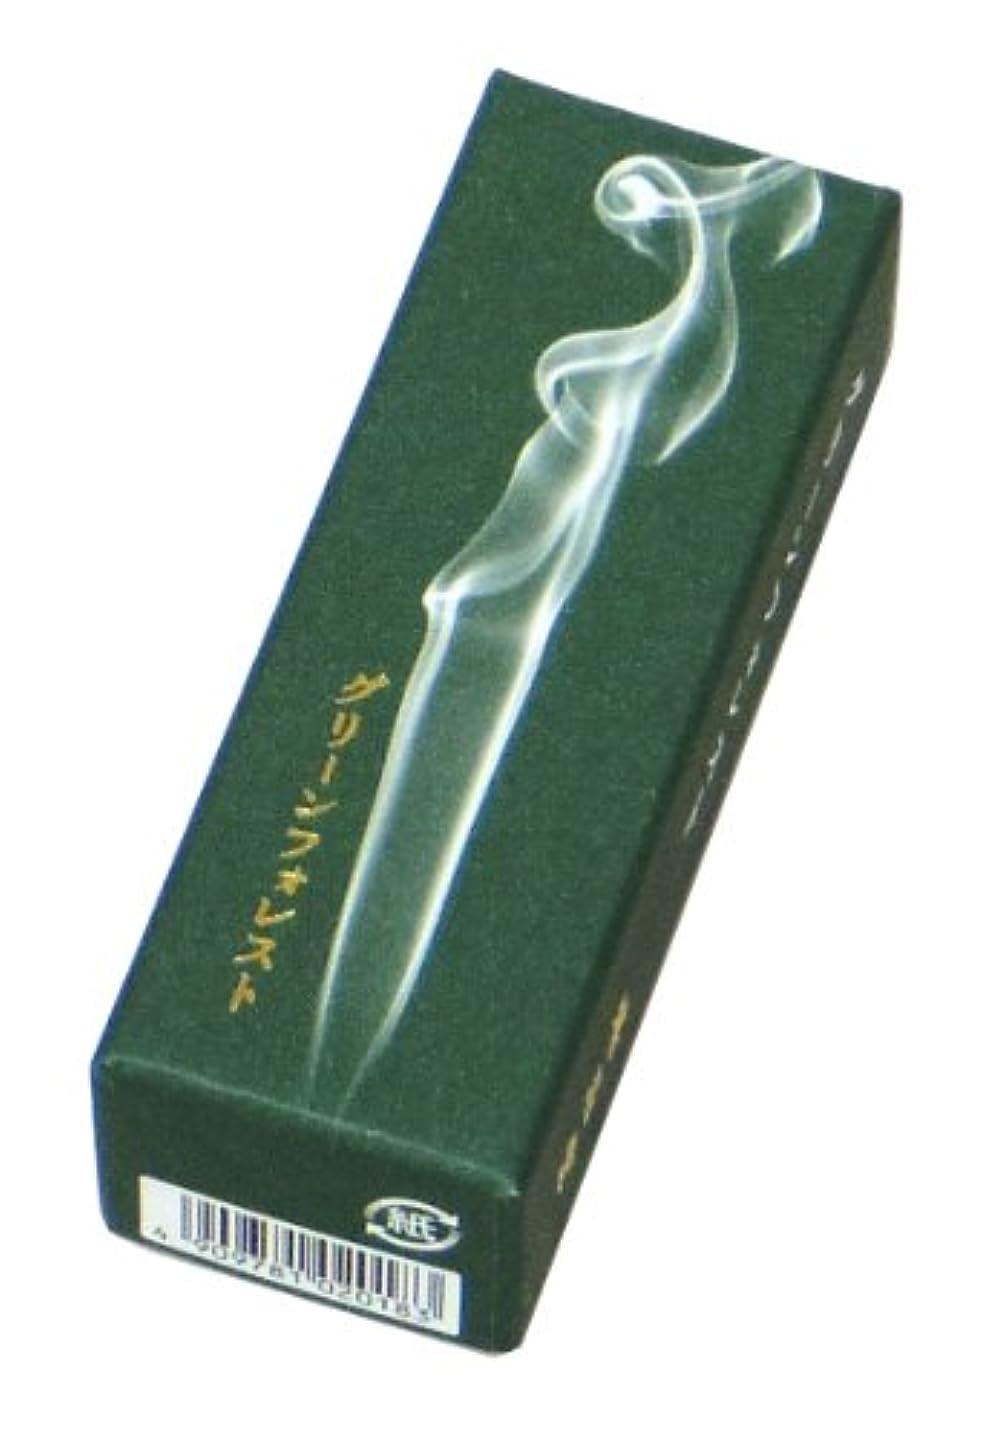 ハリケーン約子音鳩居堂のお香 香水の香り グリーンフォレスト 20本入 6cm